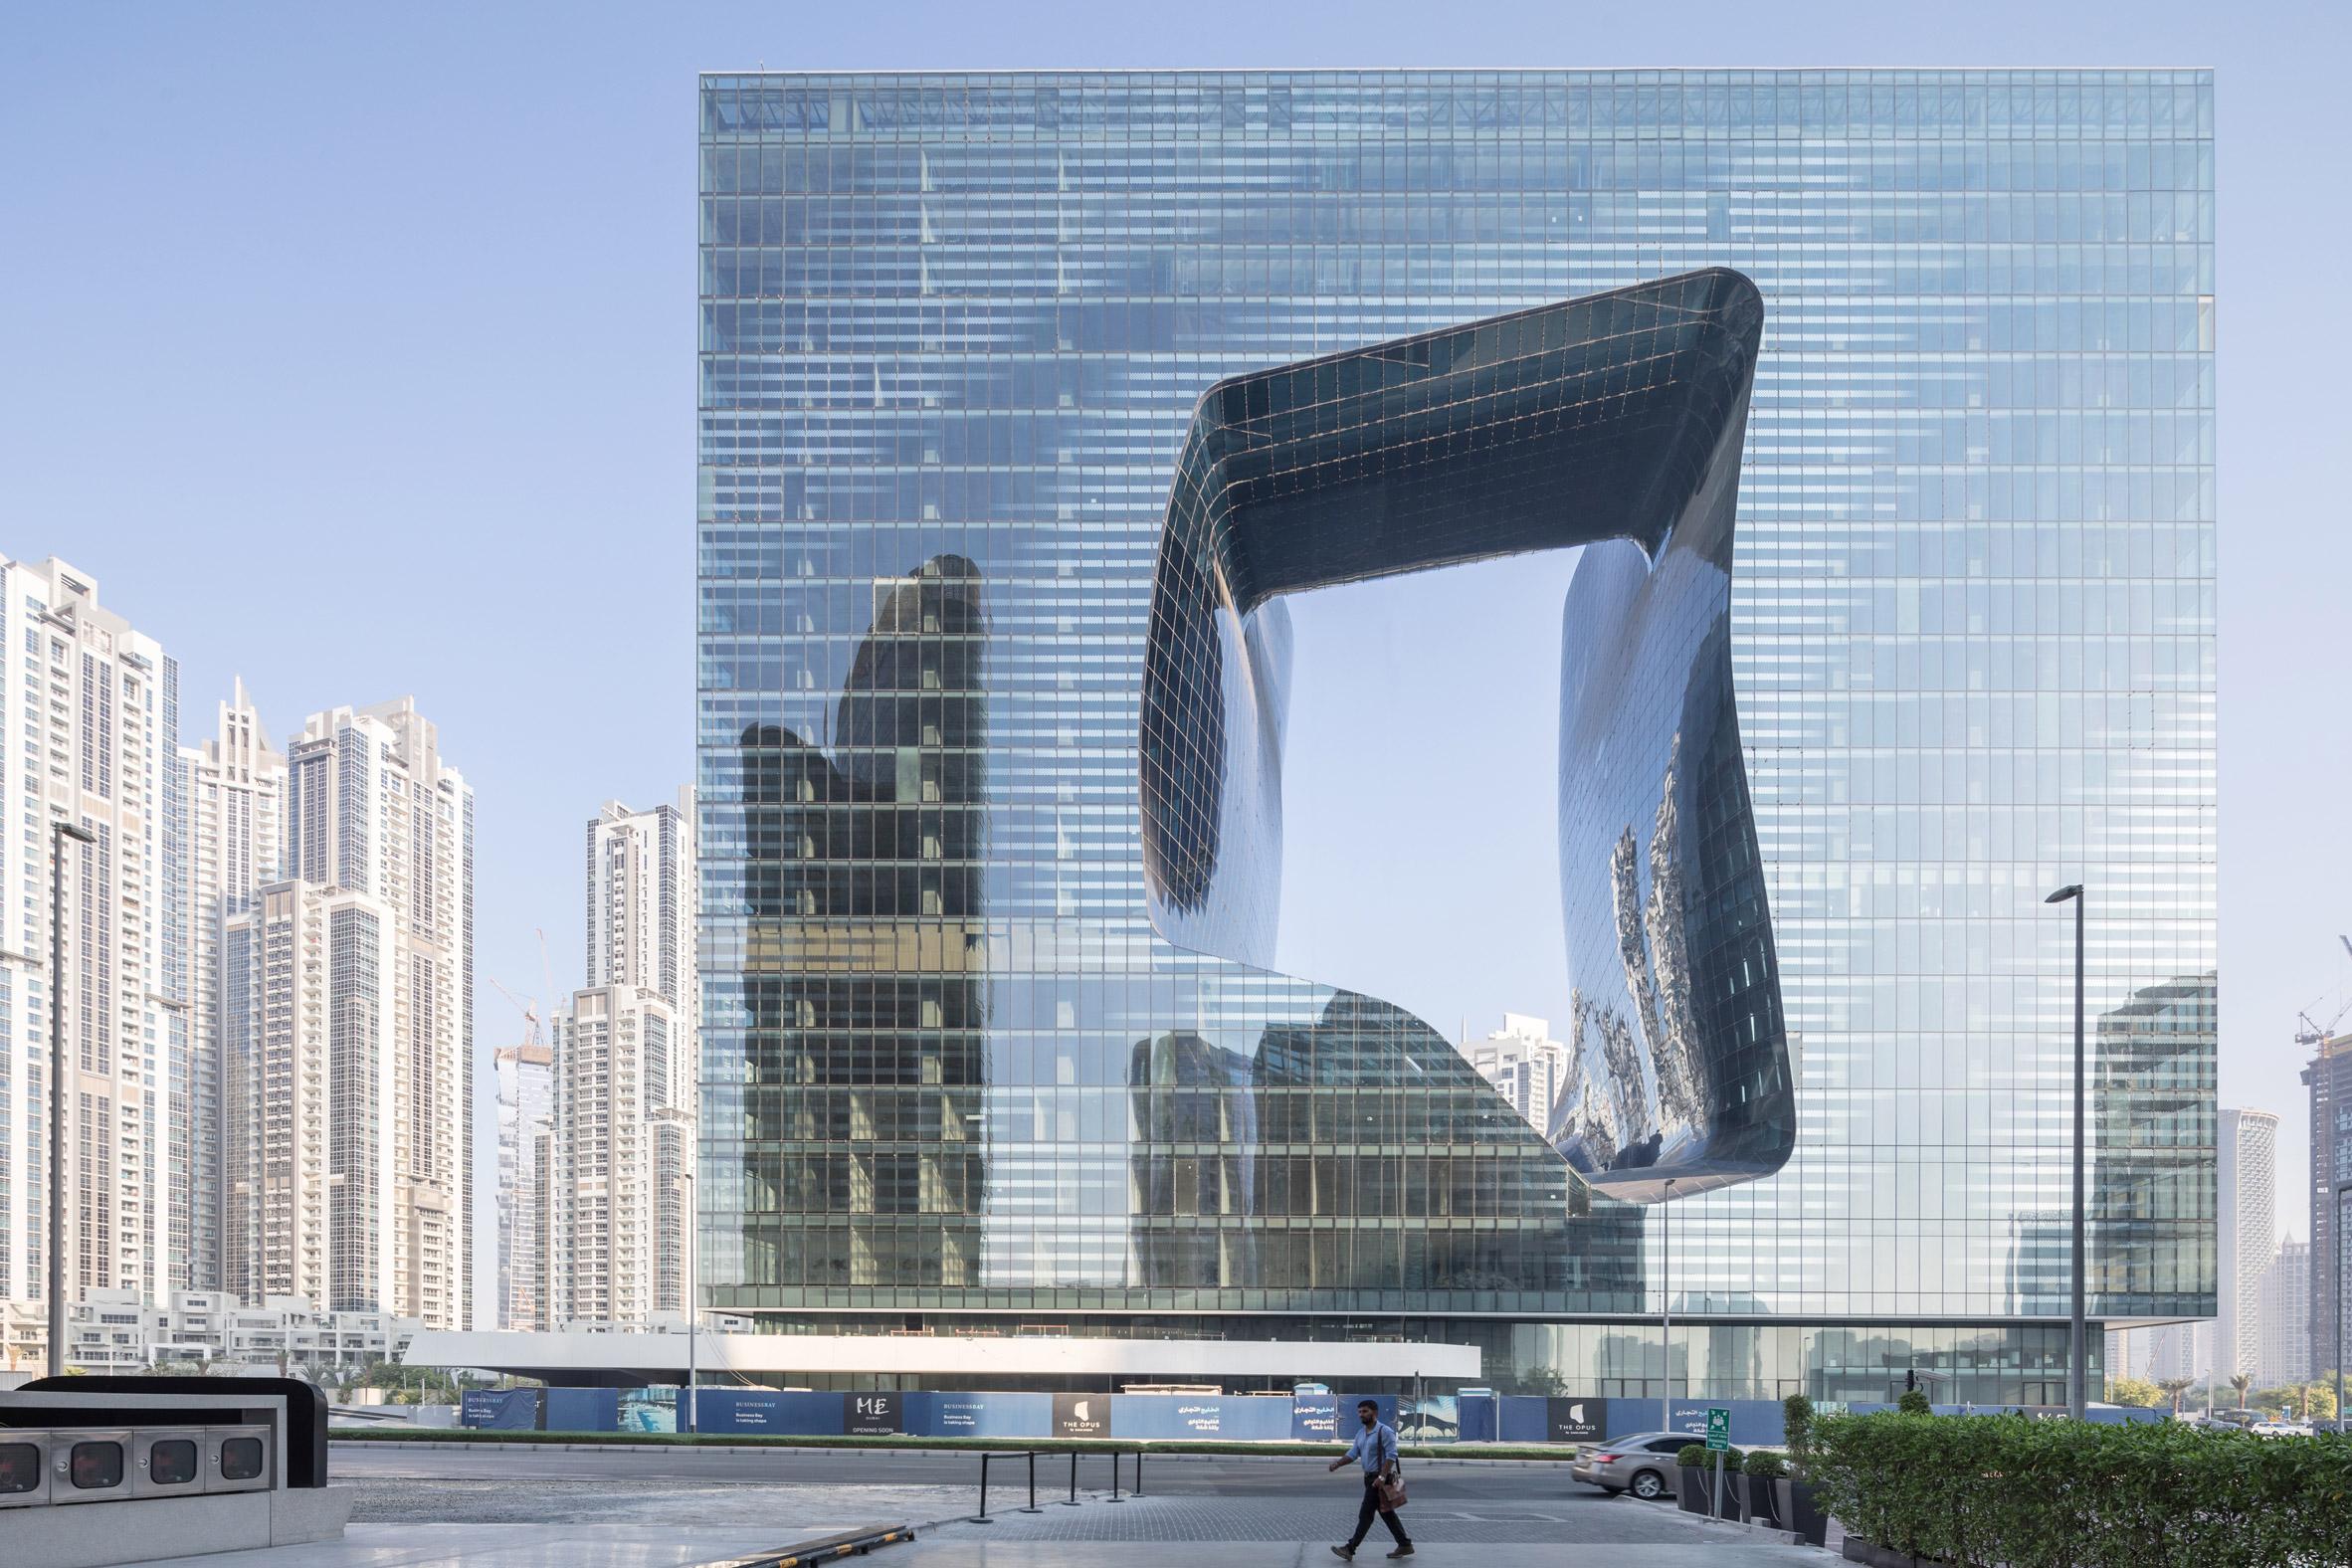 В Дубае откроют необычный небоскреб с дыркой